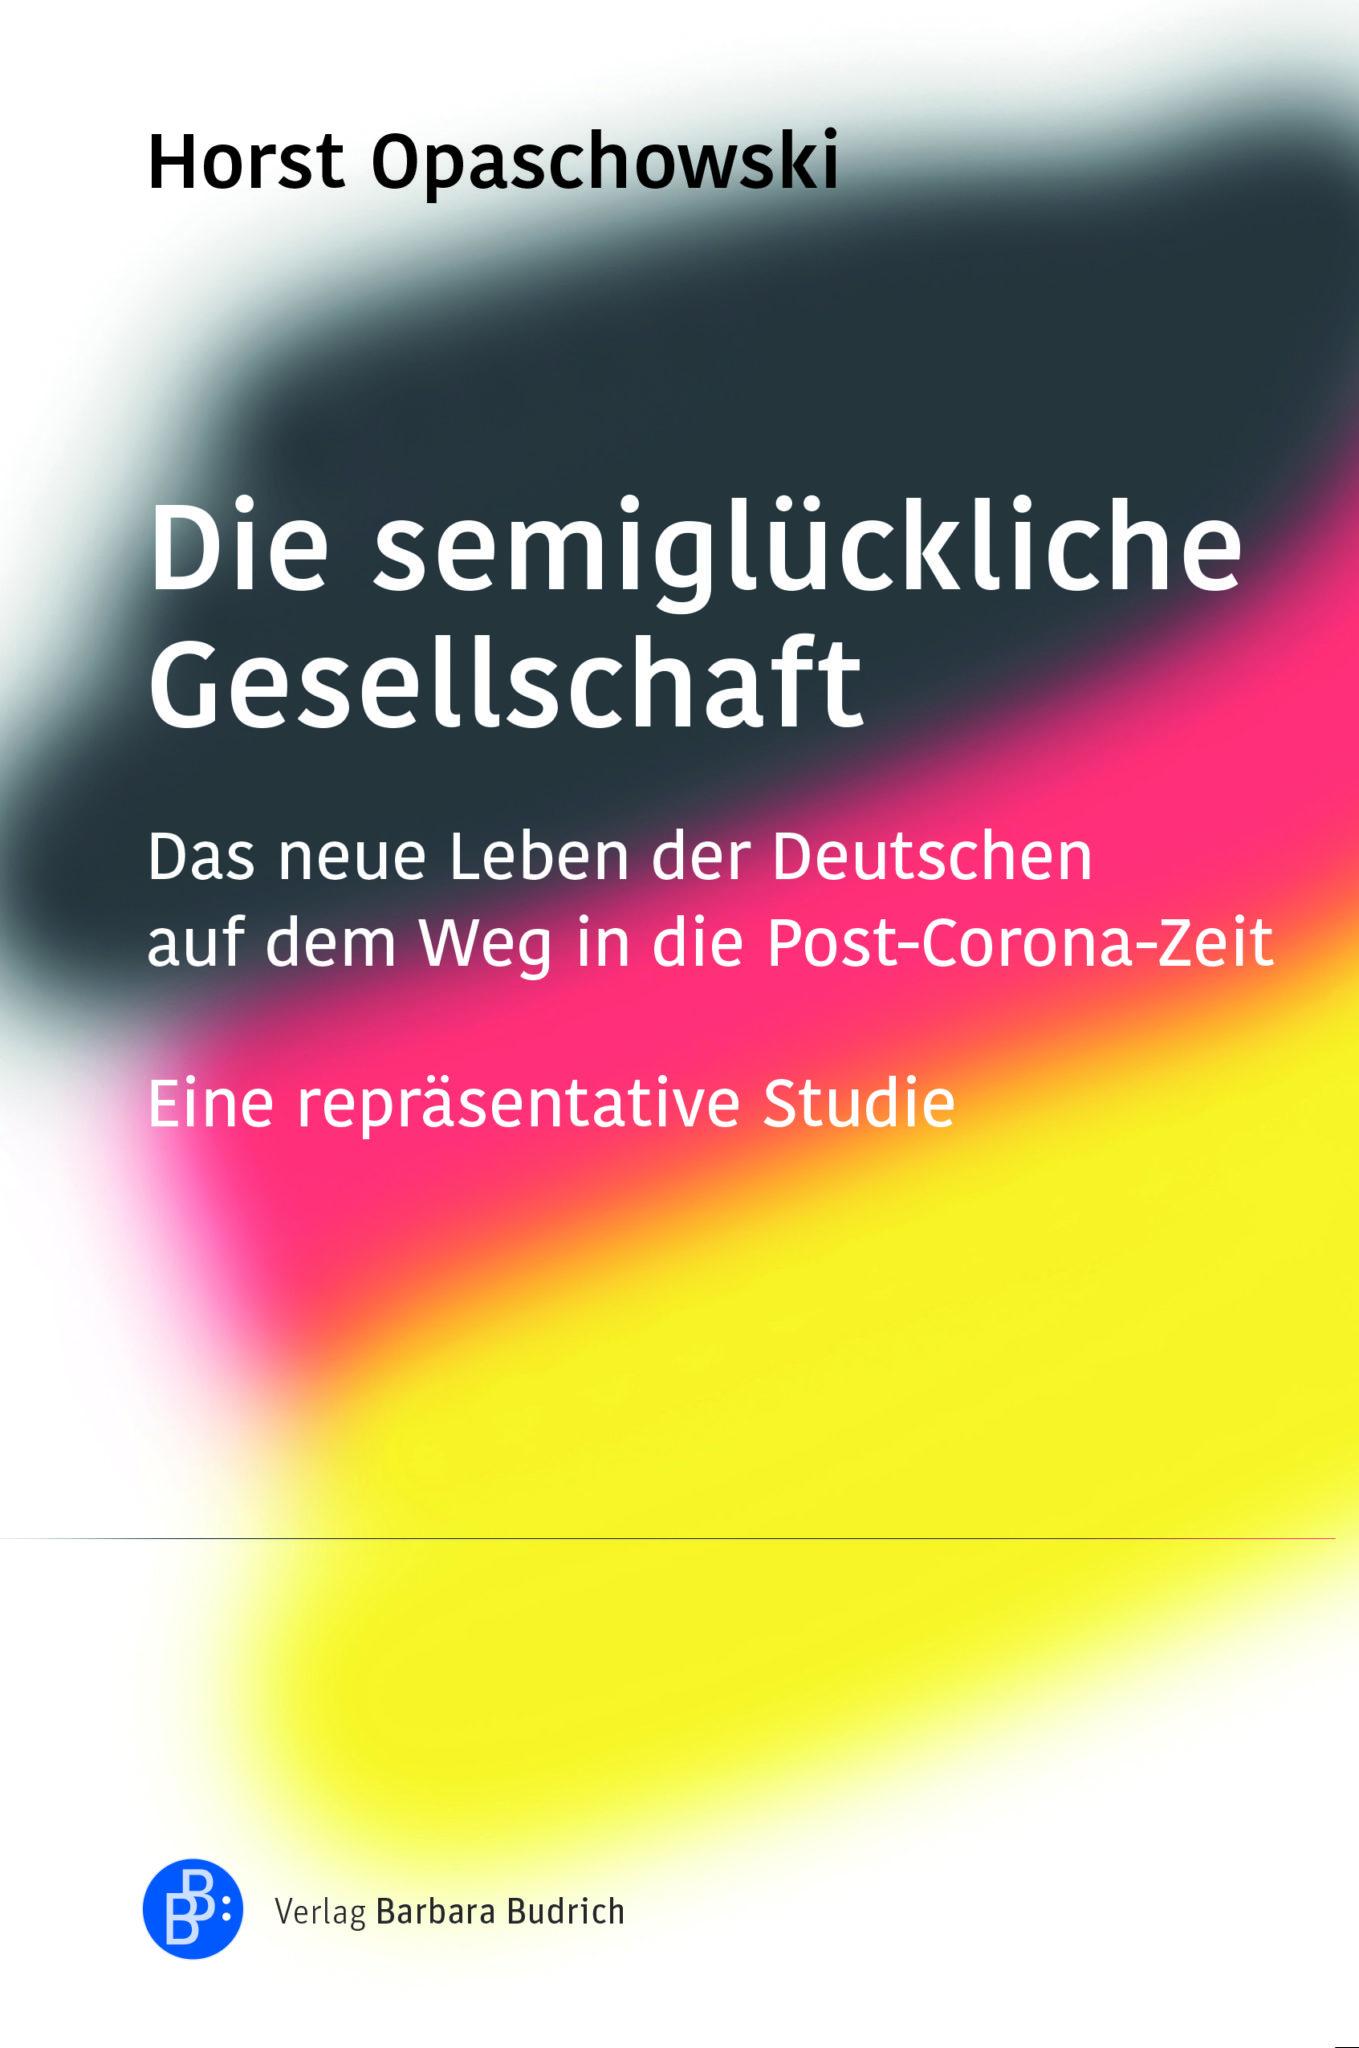 Horst Opaschowski - Die semiglückliche Gesellschaft